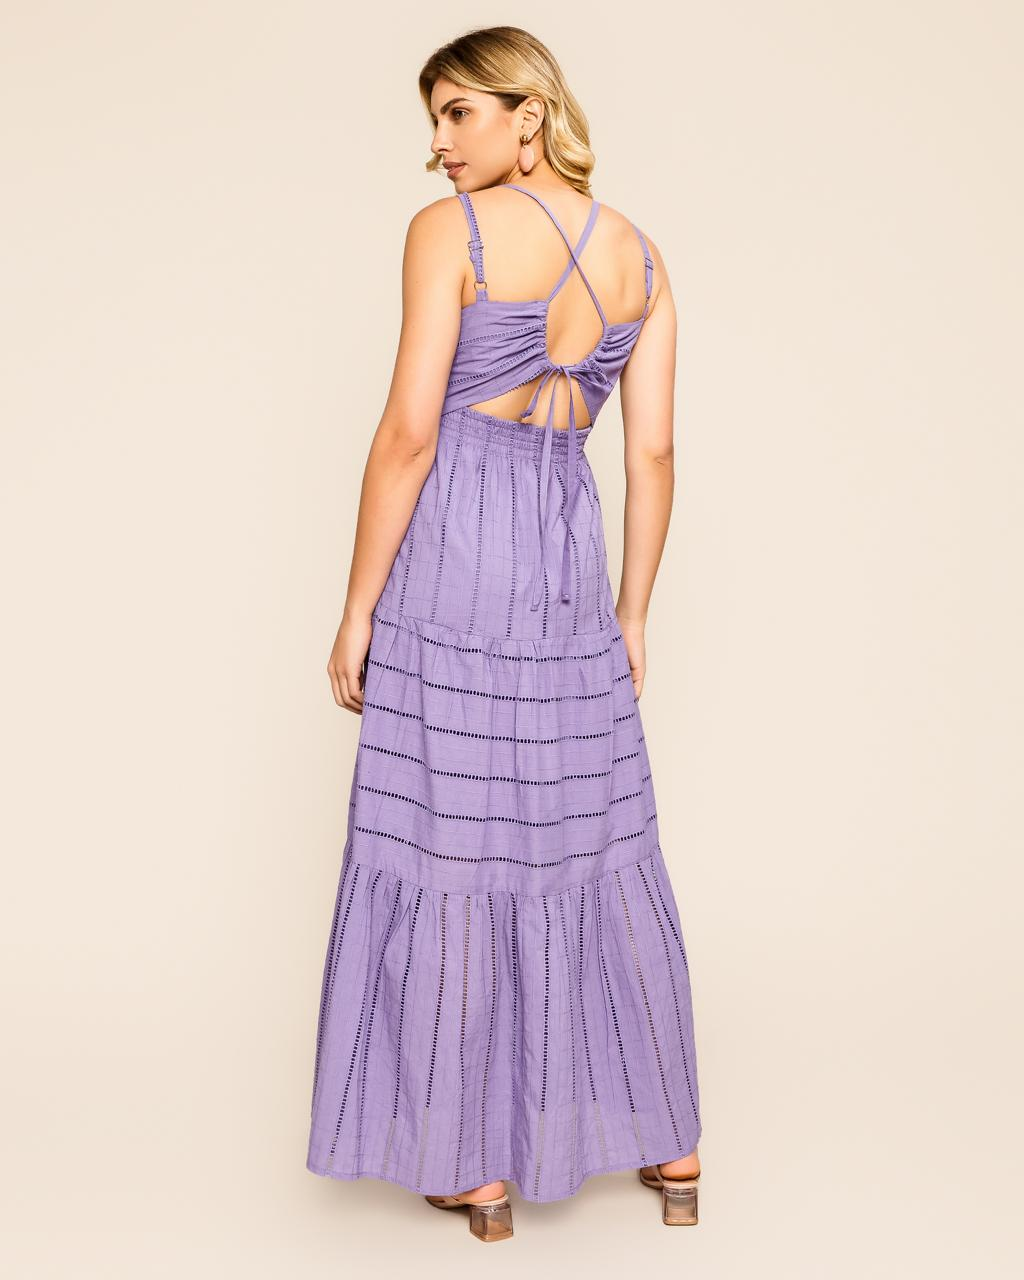 Vestido Marithia Fluido Laise Decote V  Detalhe Botões Amarração Costas